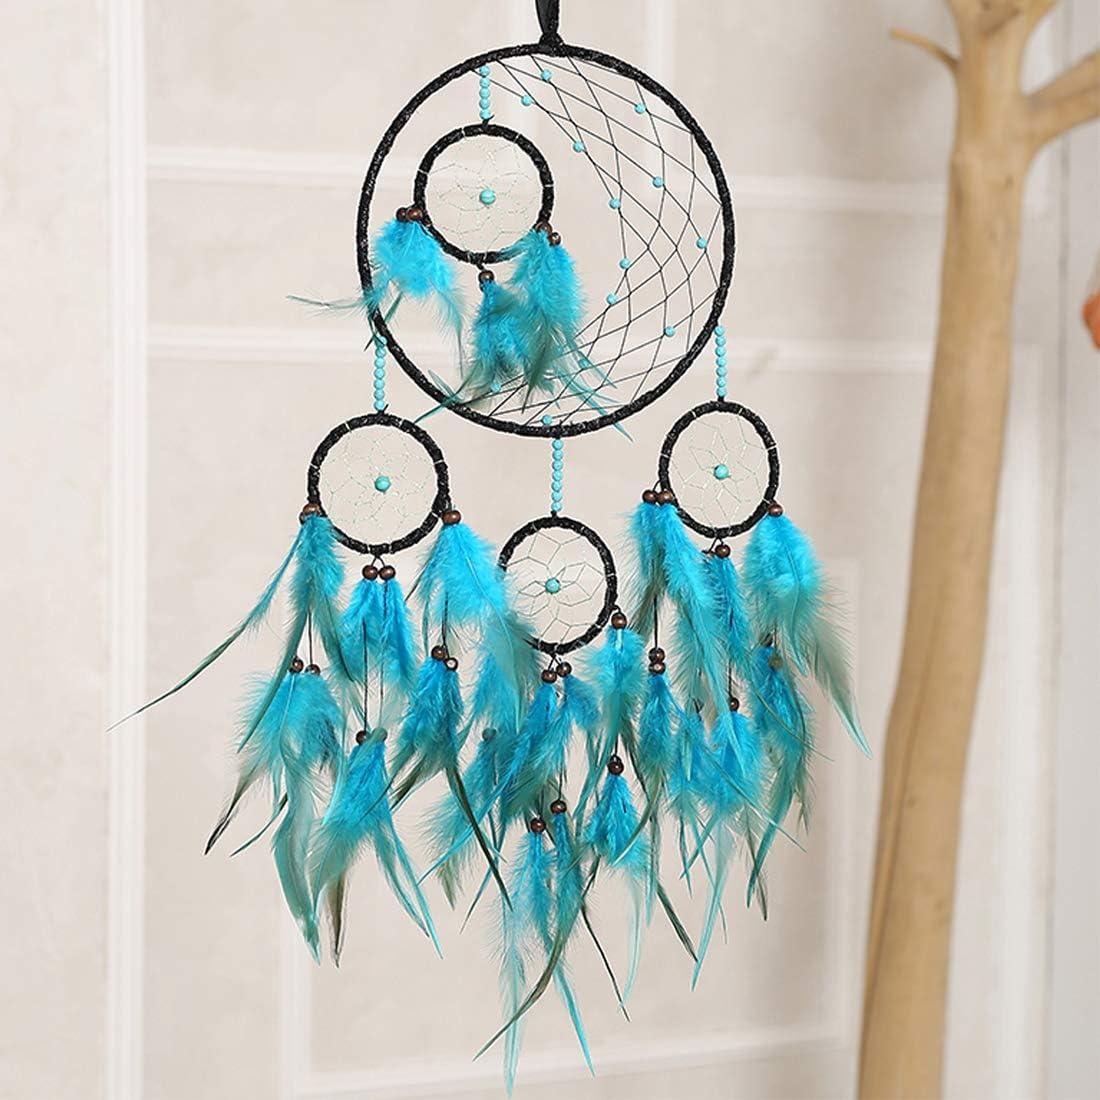 XMSJSIY Attrape-r/êves Vert Grande plume D/écoration murale pour chambre /à coucher D/écoration pour enfant fille et femme vert